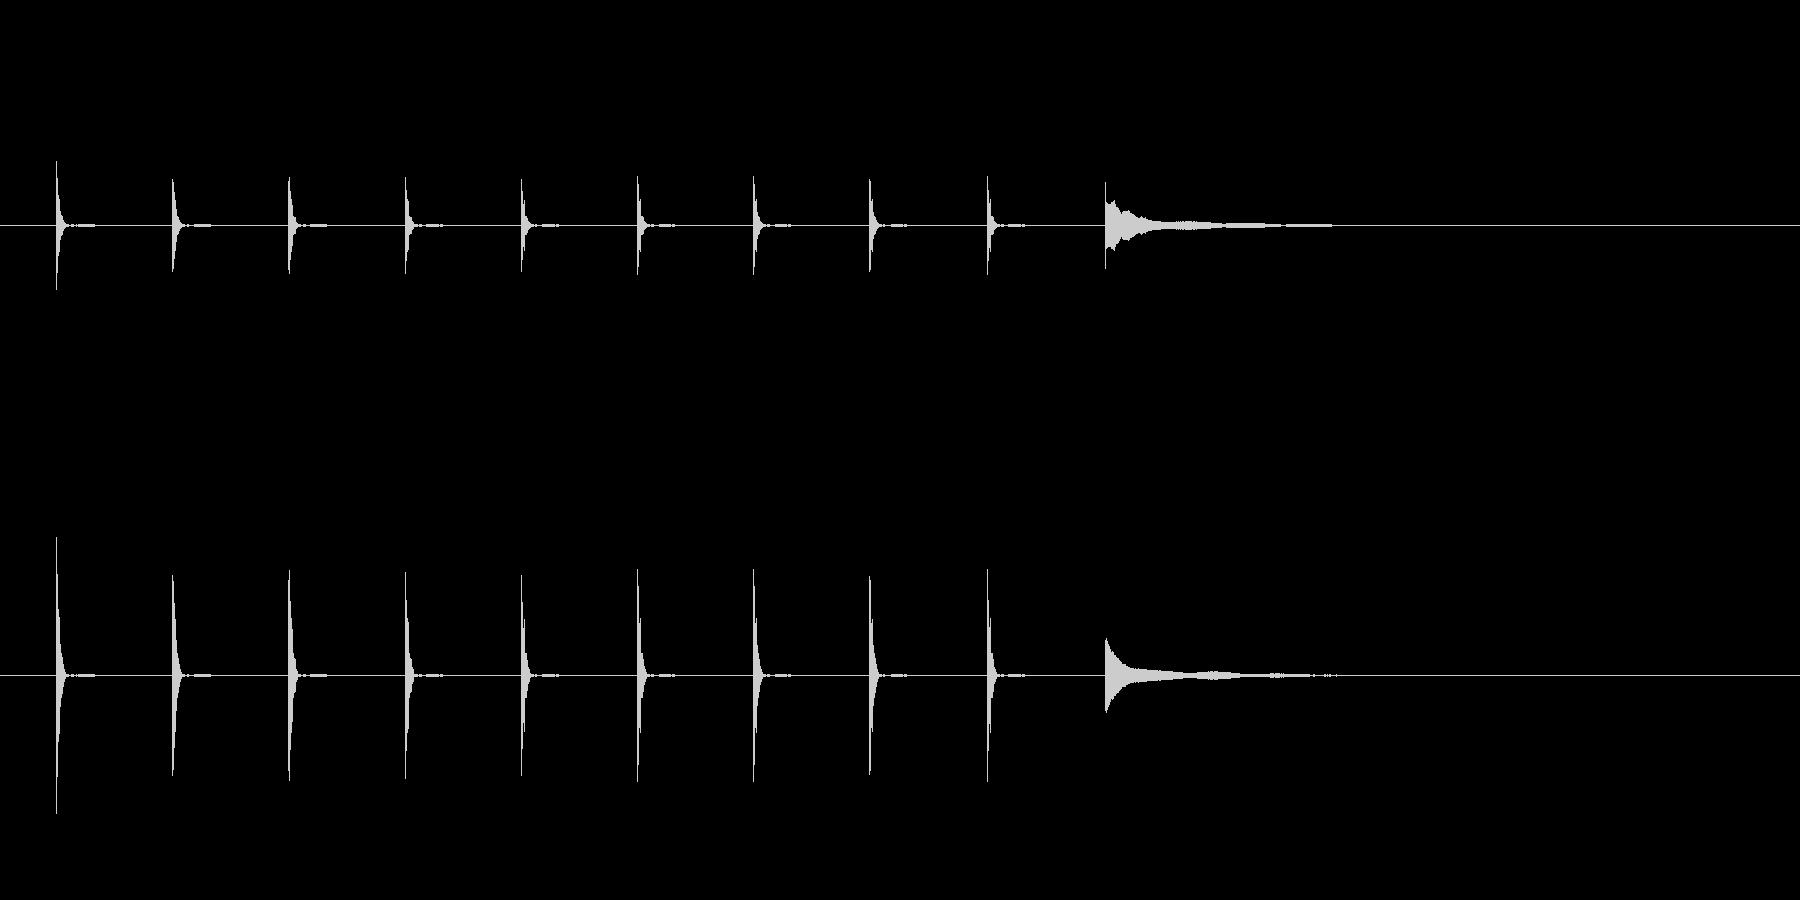 ポクポクポク...チーン(長め)の未再生の波形